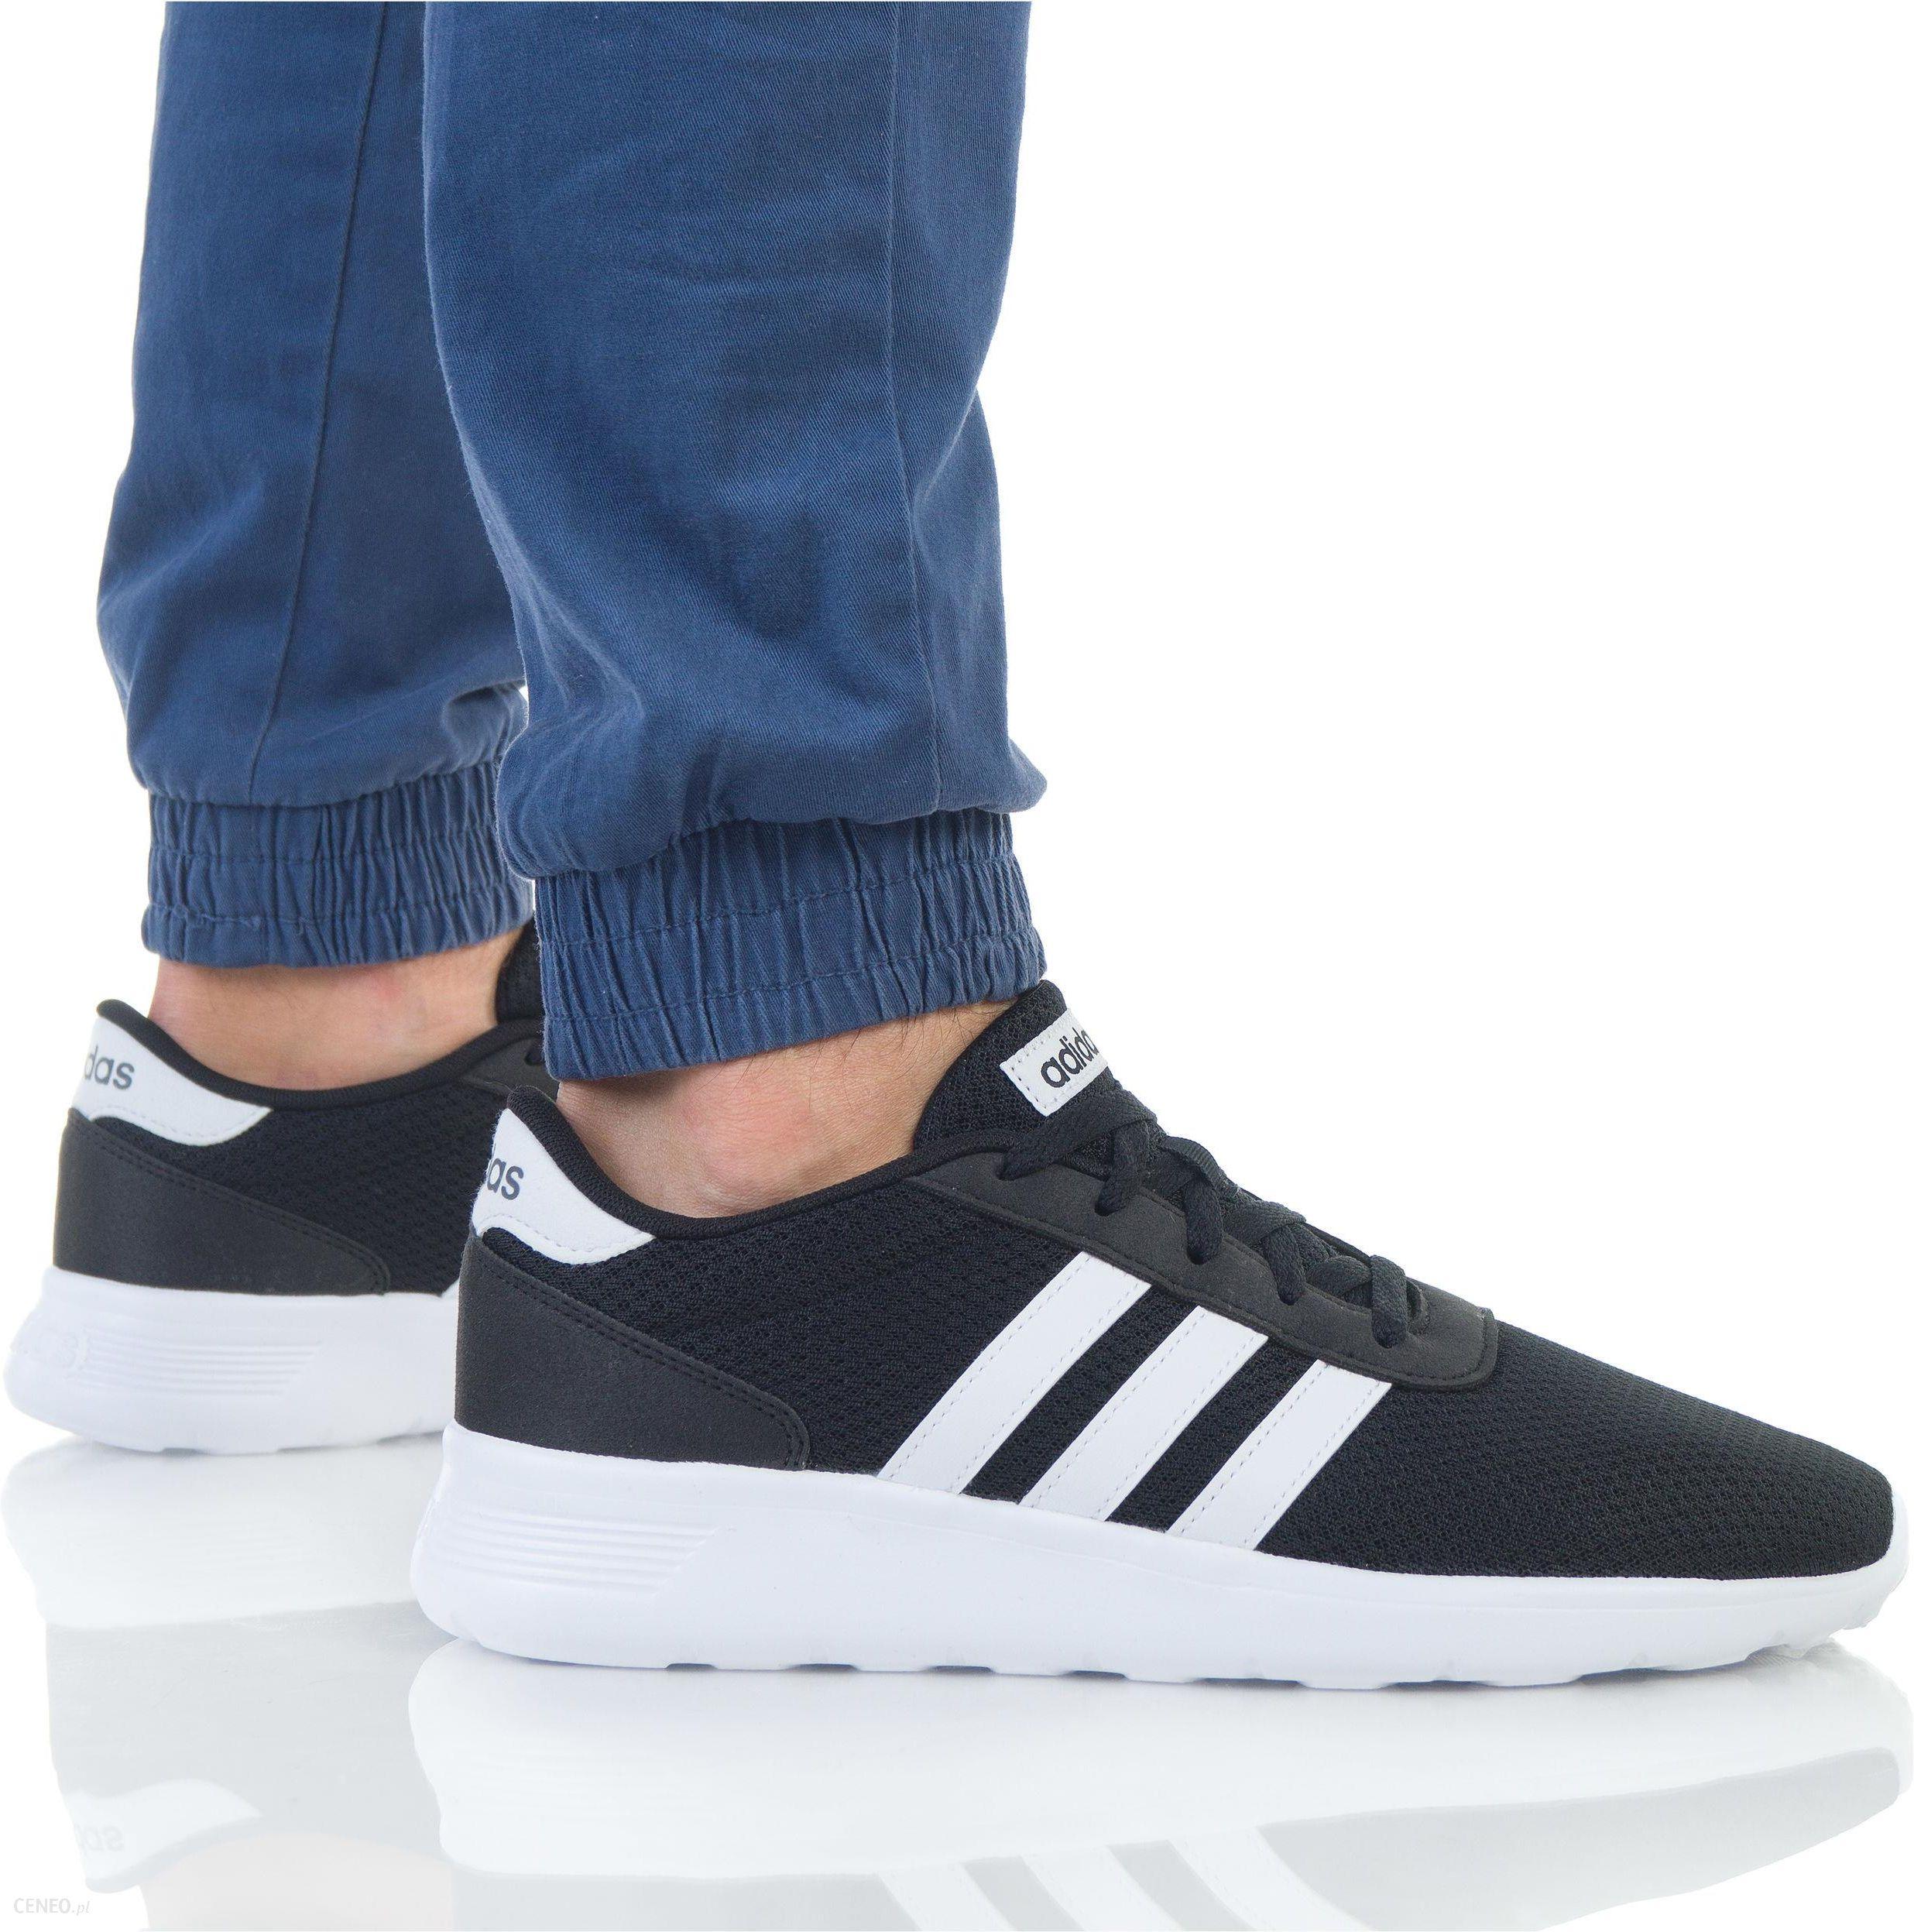 buty damskie adidas lite racer bb9774 czarne